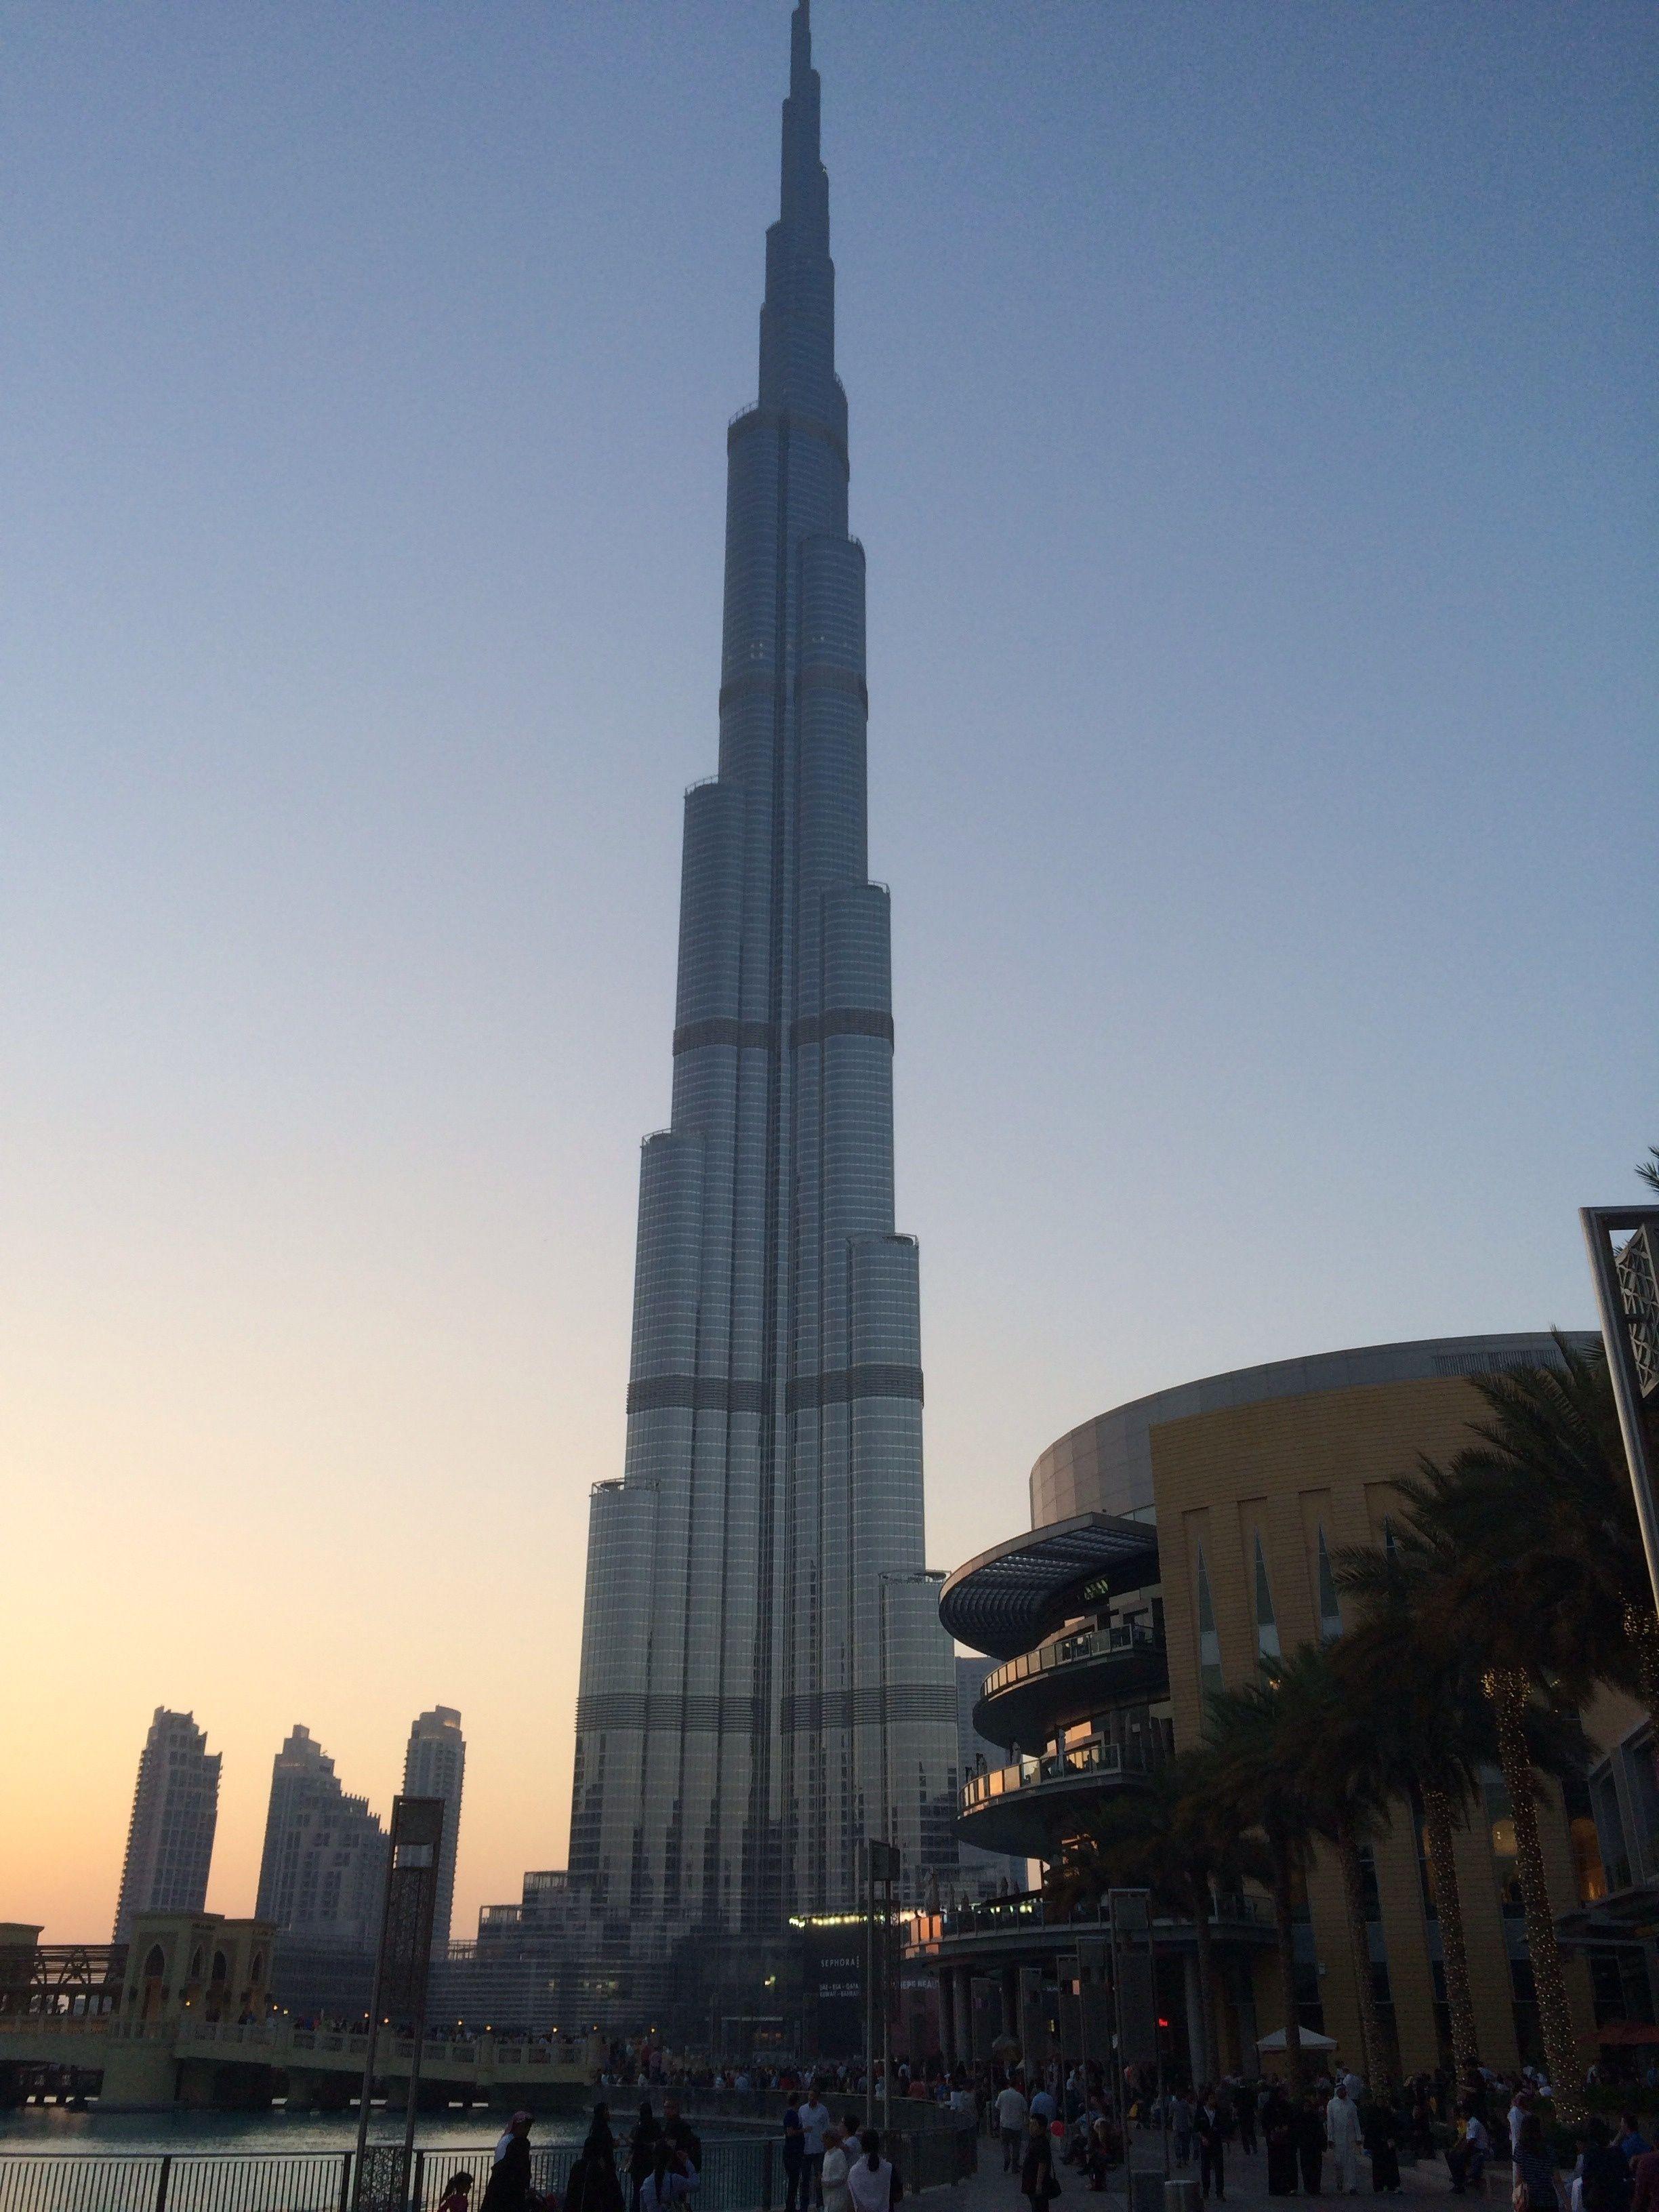 #Dubai #Emirates #ArabischeEmirate #Kreuzfahrt #Urlaub #cruise #oriental #Orient #Reise #Kreuzfahrtberater #BurjKhalifa